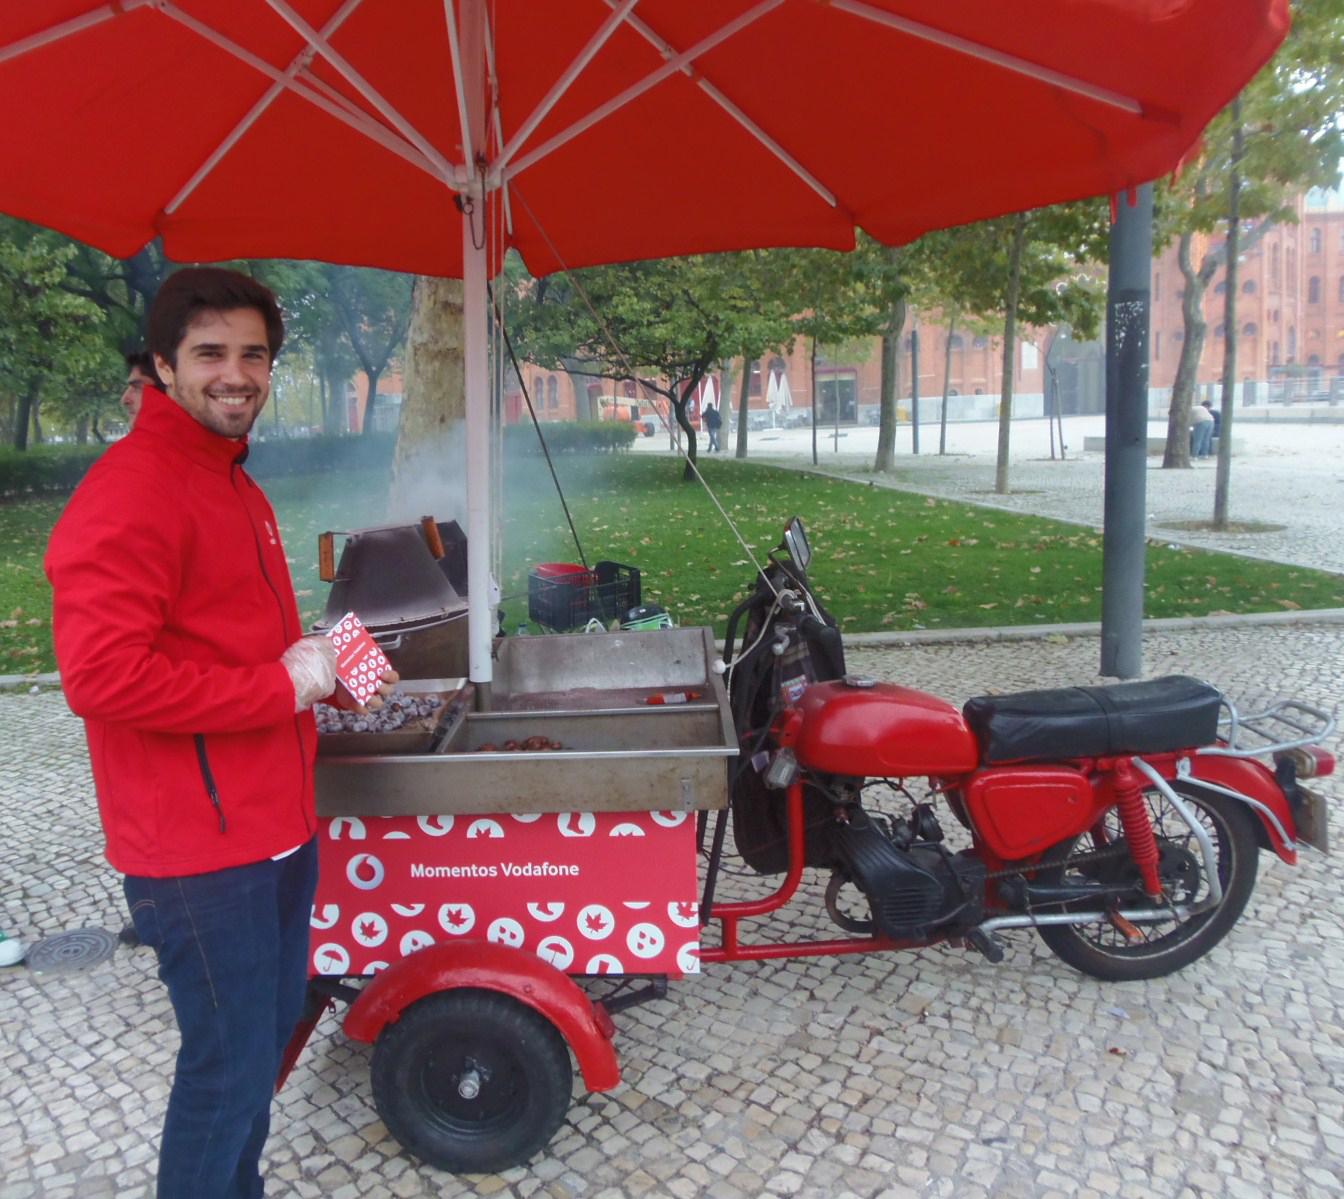 Momentos-Vodafone_Oferta-Castanhas